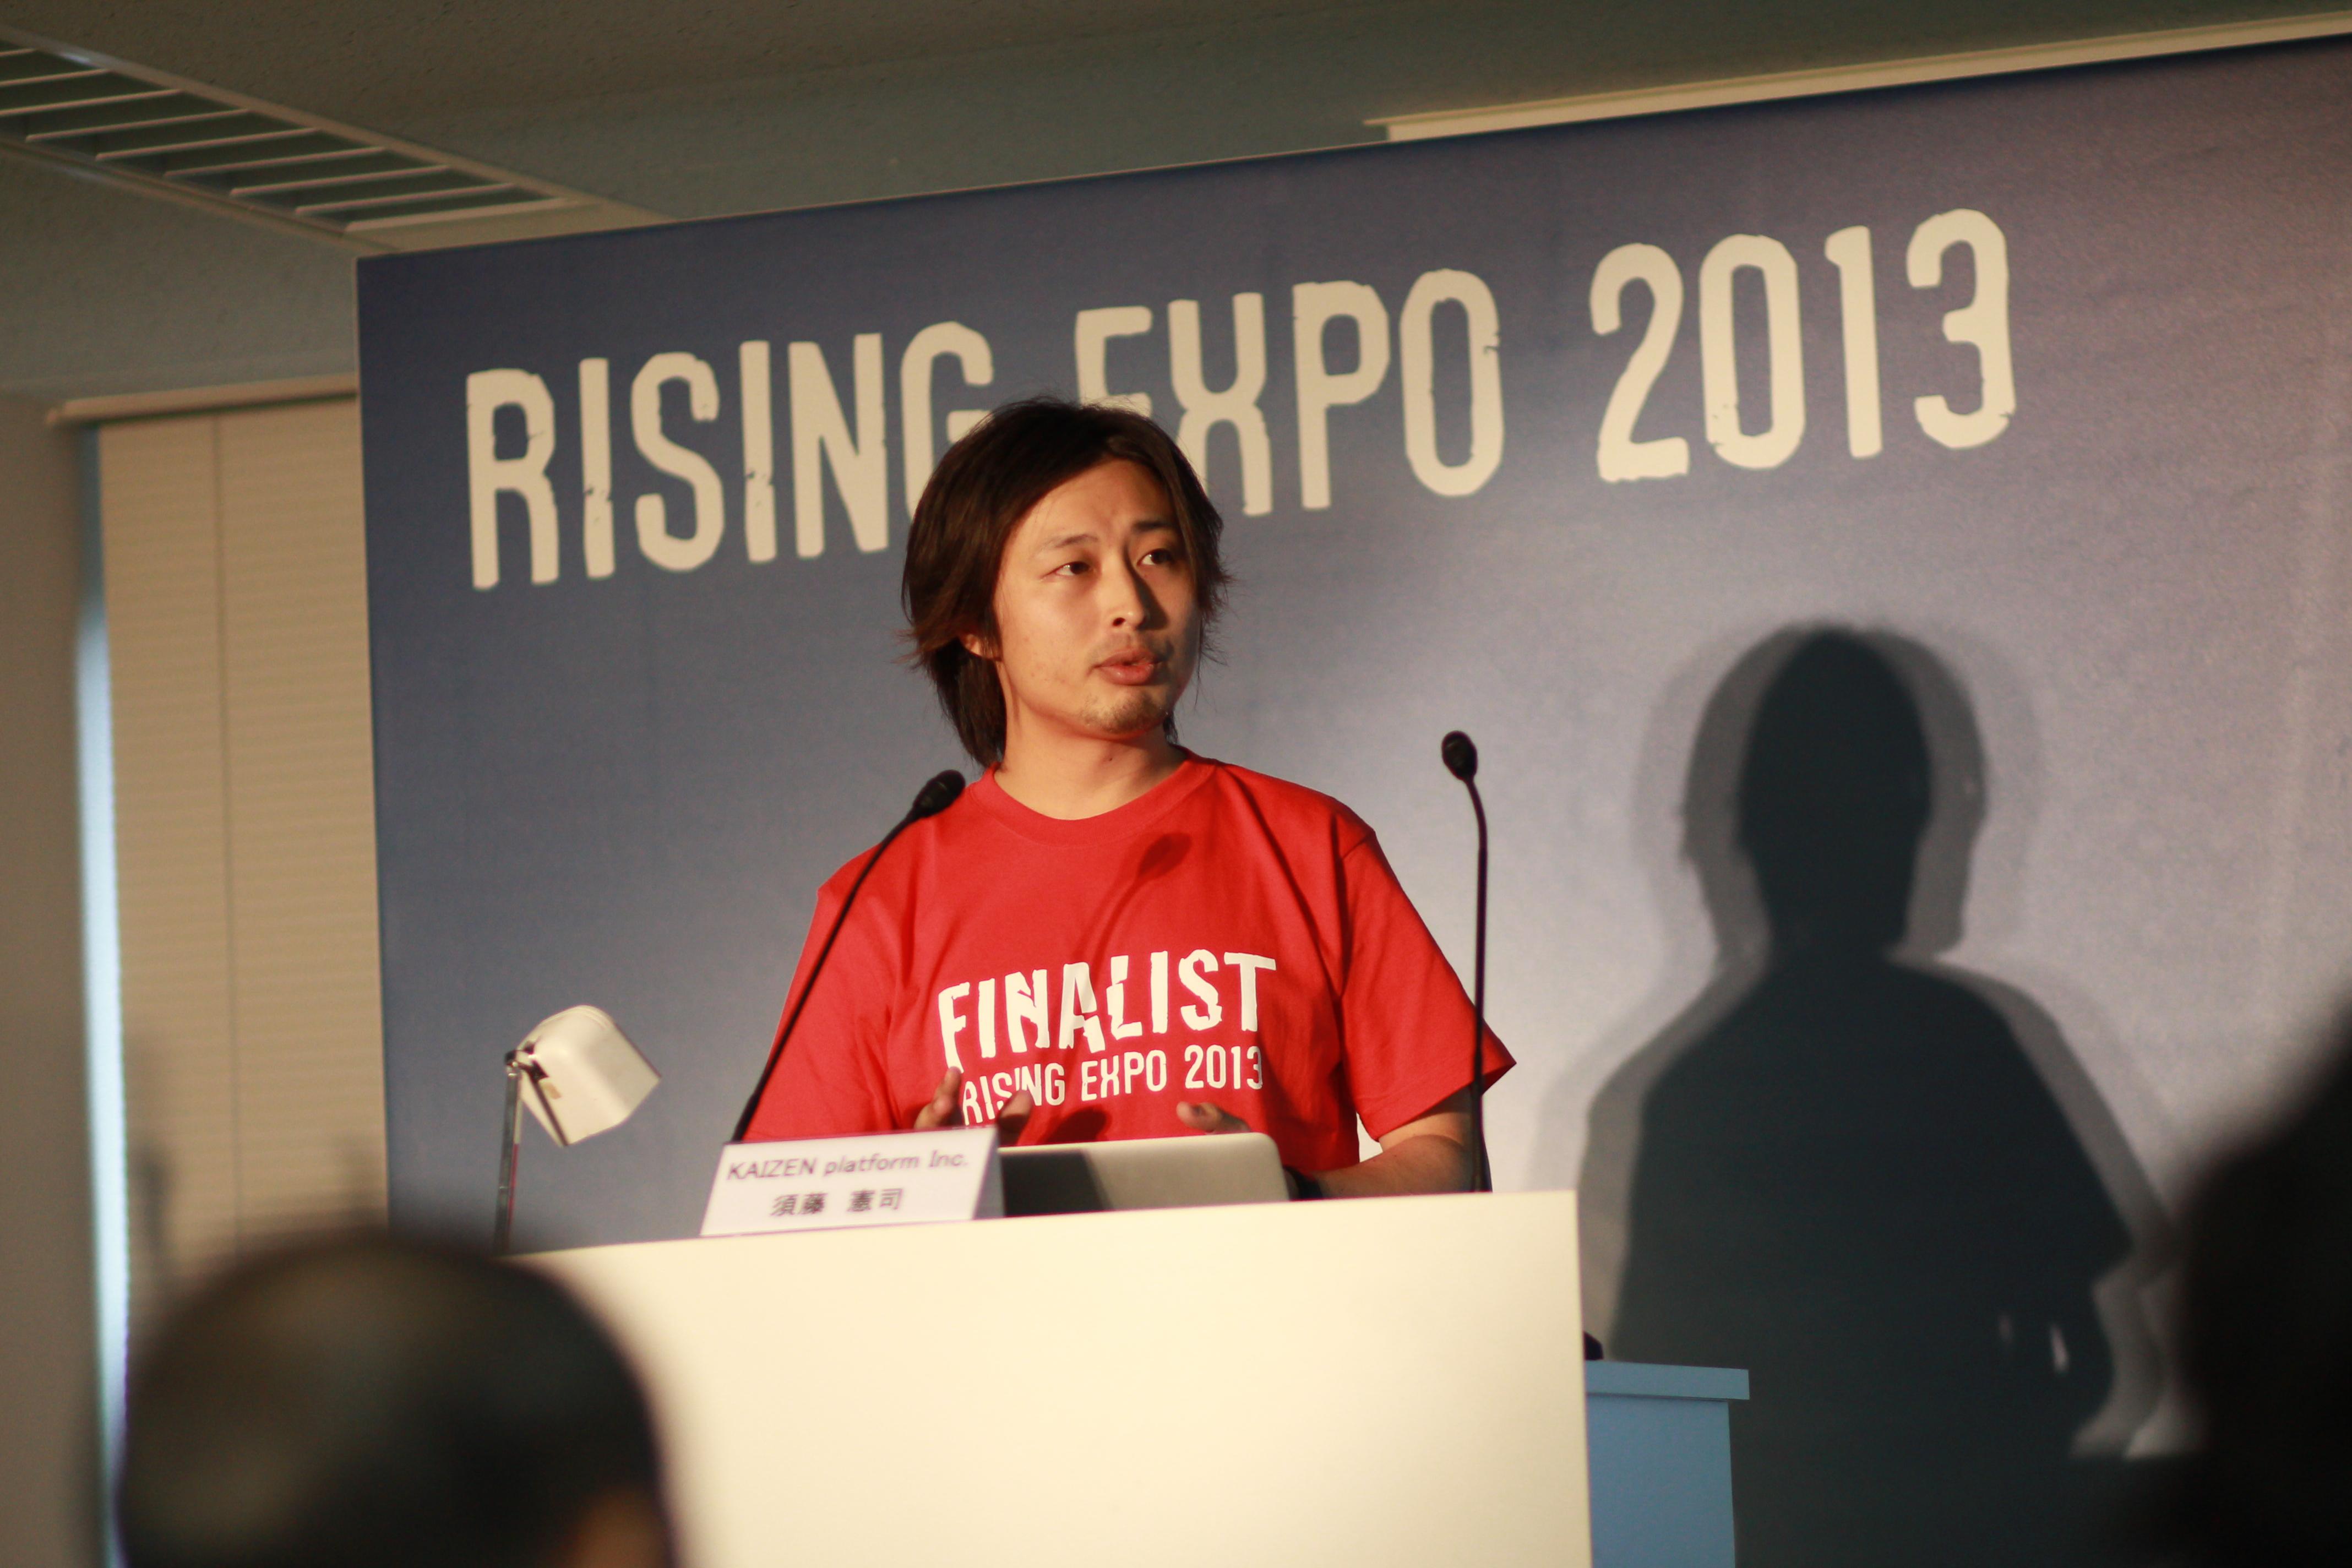 rising_expo_plan_bcd_2